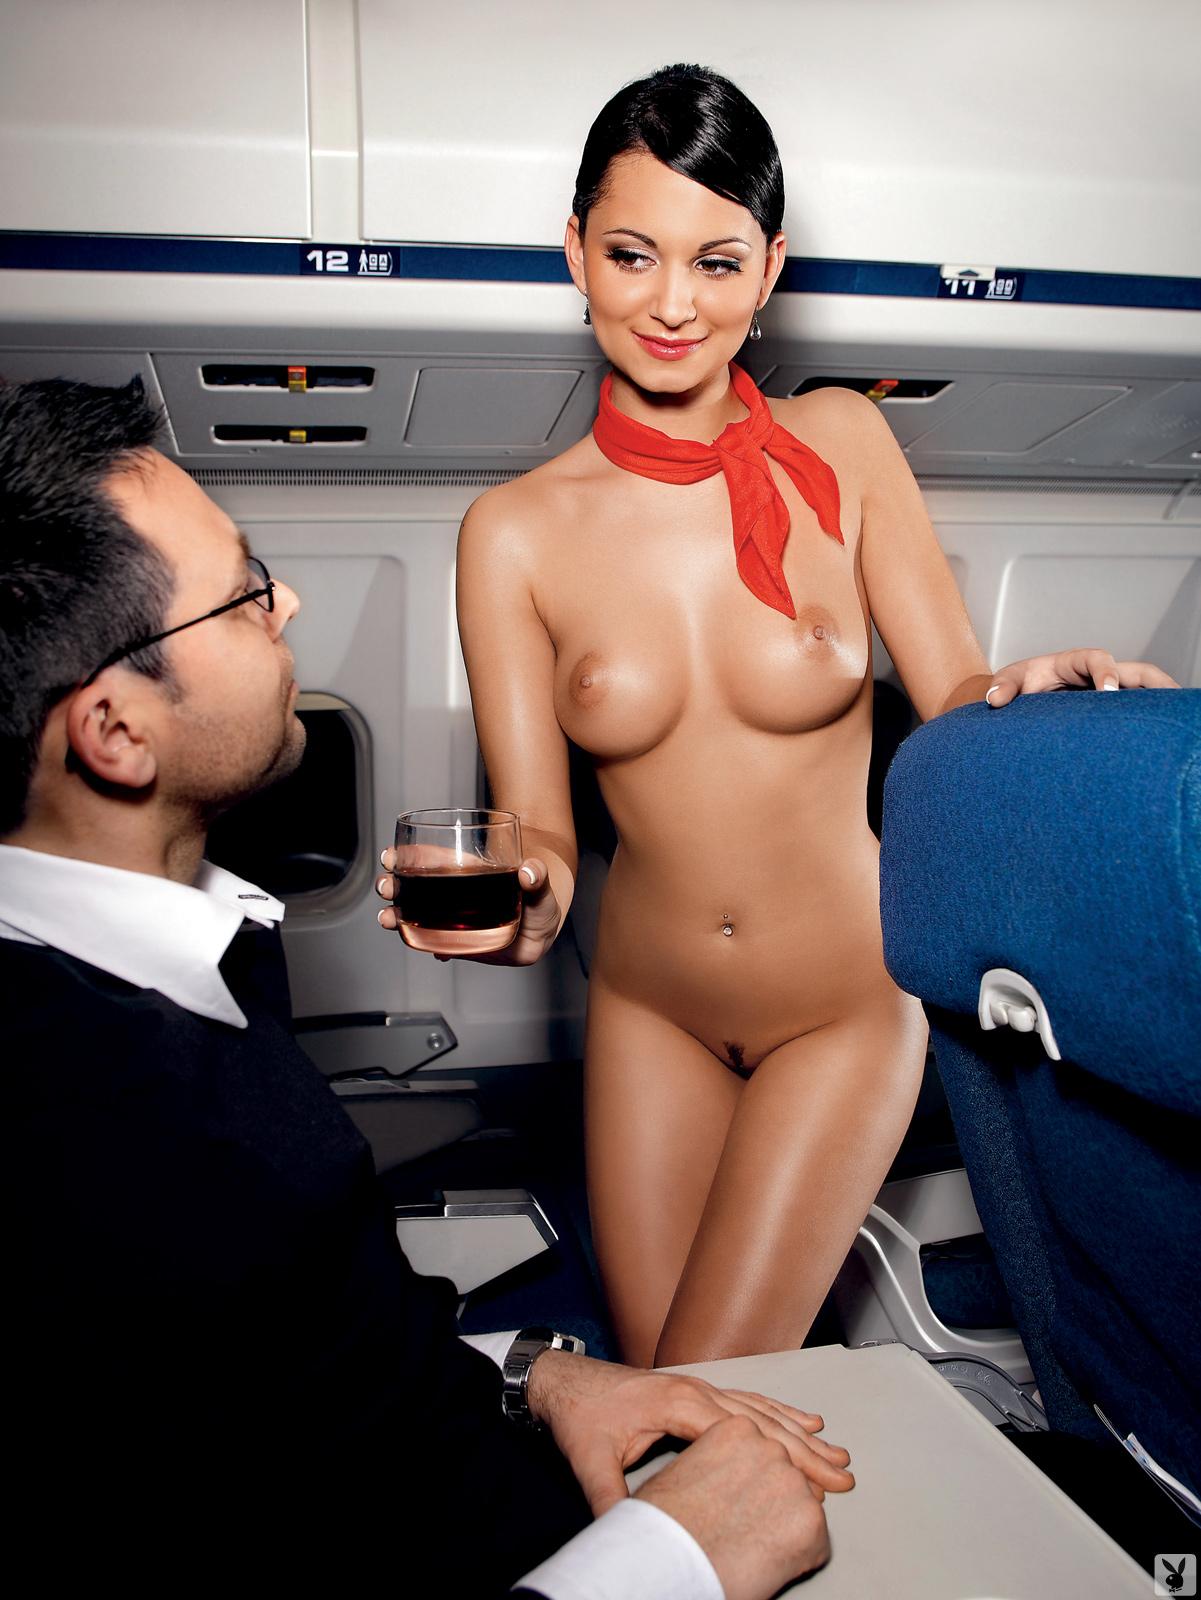 styuardessi-golie-video-upiraetsya-chlen-kogda